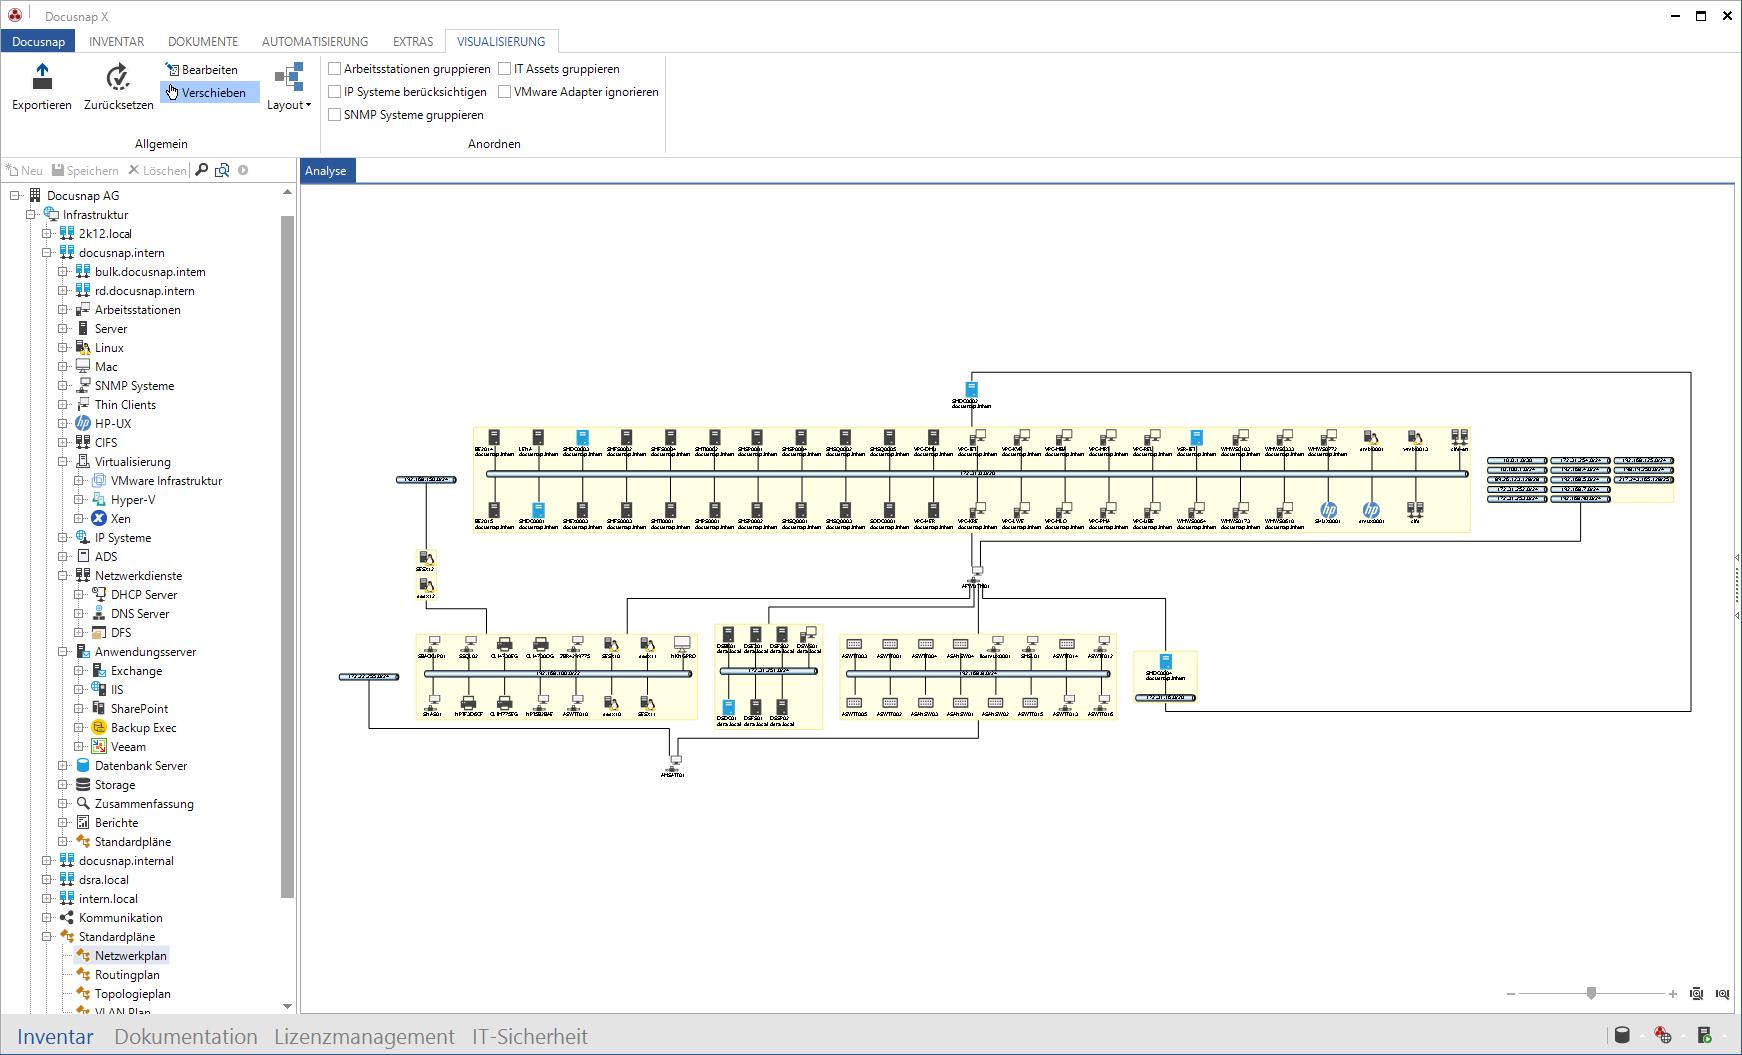 Screenshot: Visualisisierung des Netzwerkplans innerhalb der IT-Dokumentation